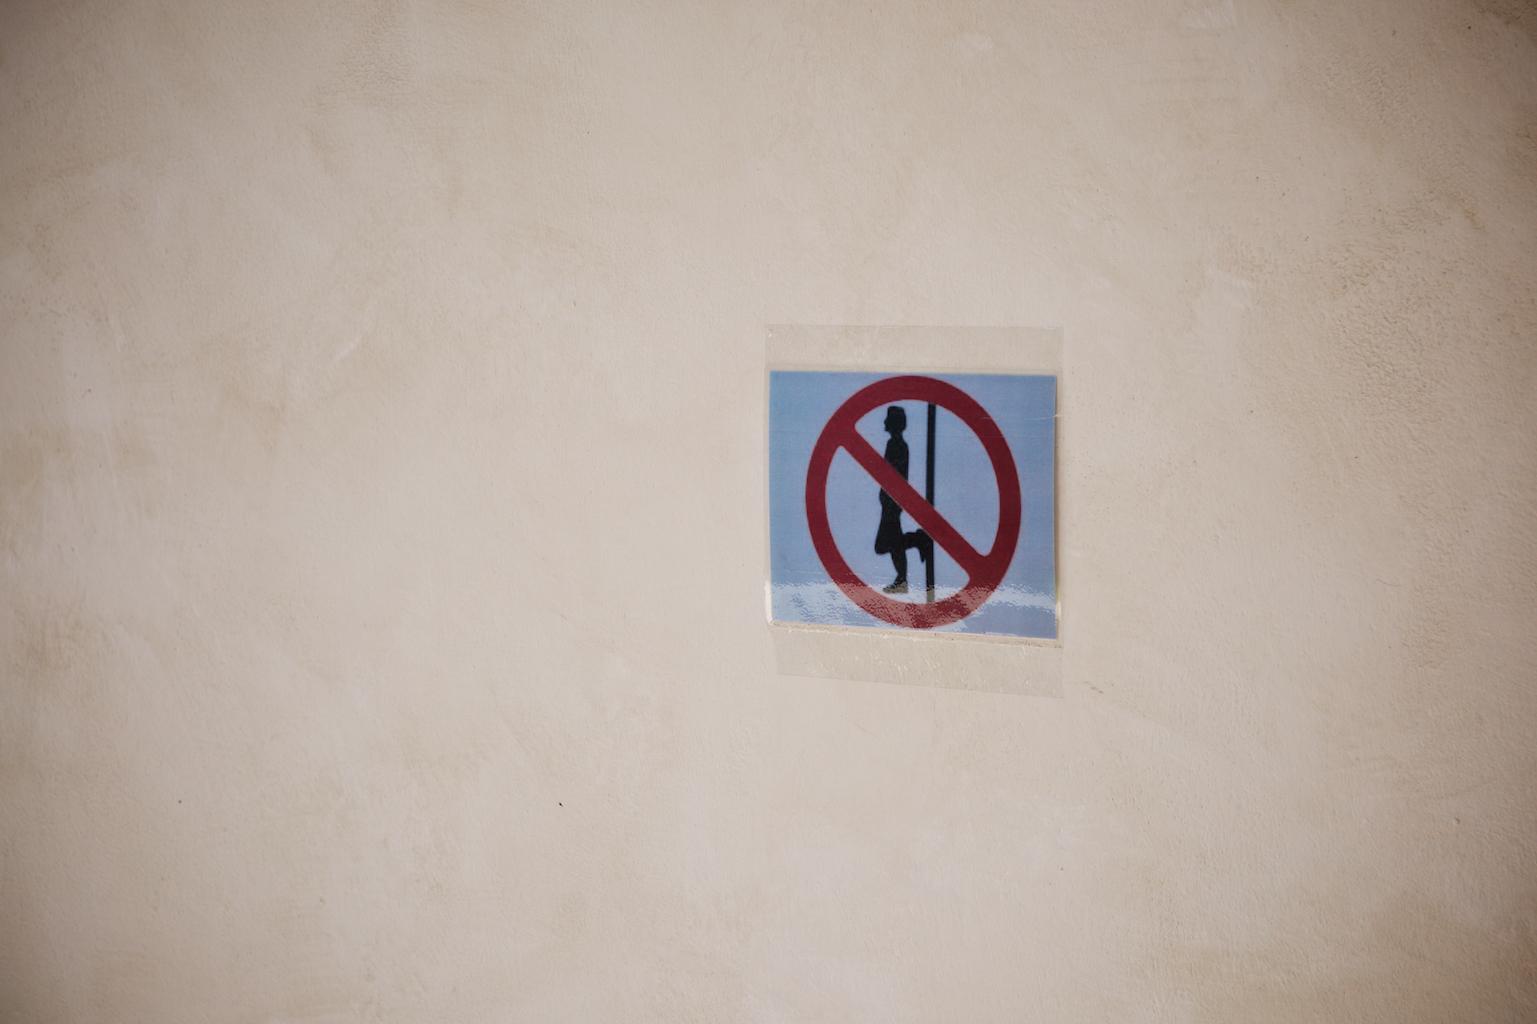 Проституцией, говорят, не заниматься!